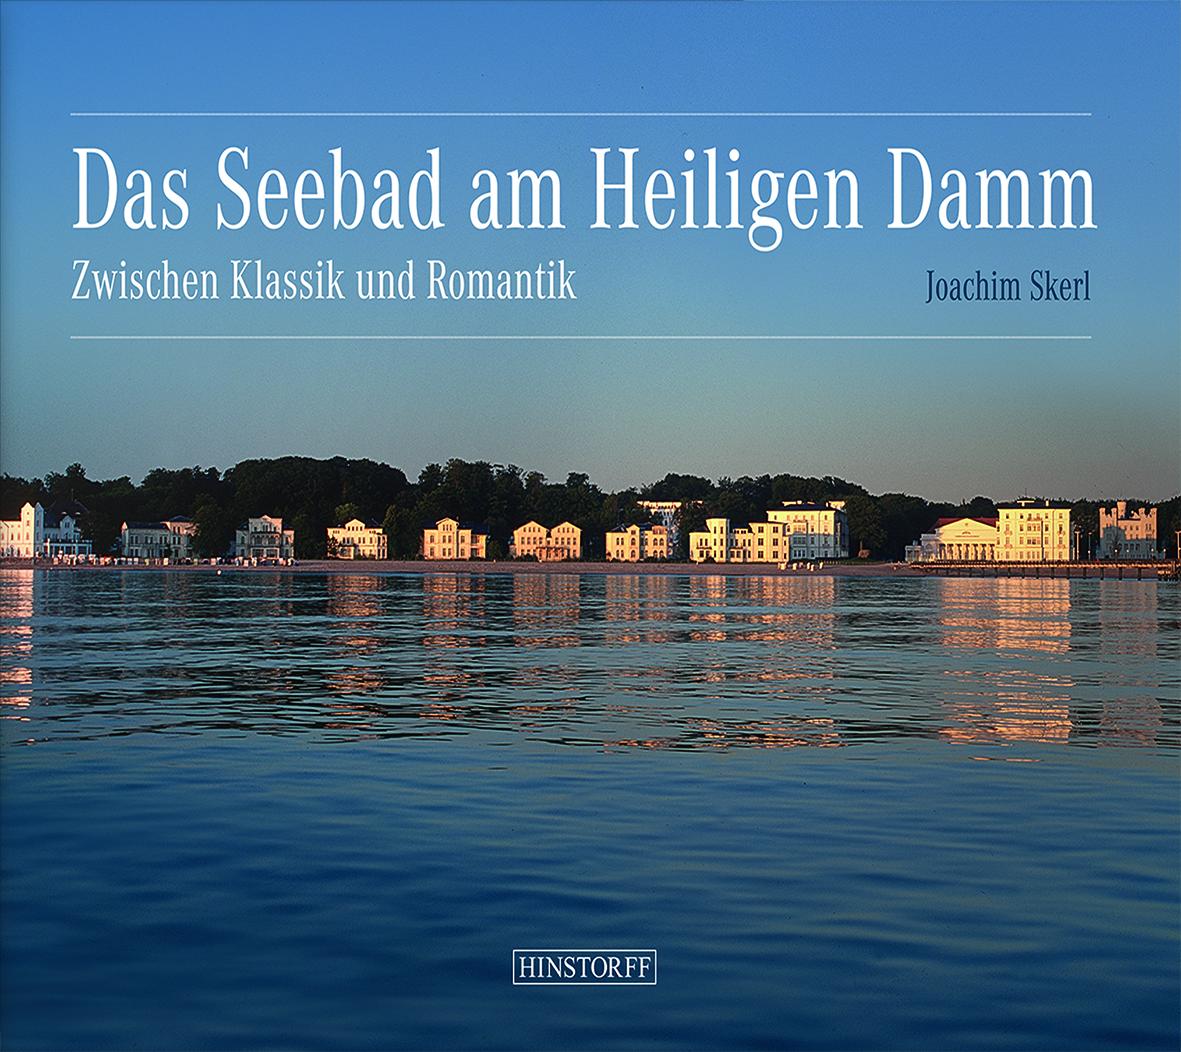 Das Seebad am Heiligen Damm. Zwischen Klassik und Romantik